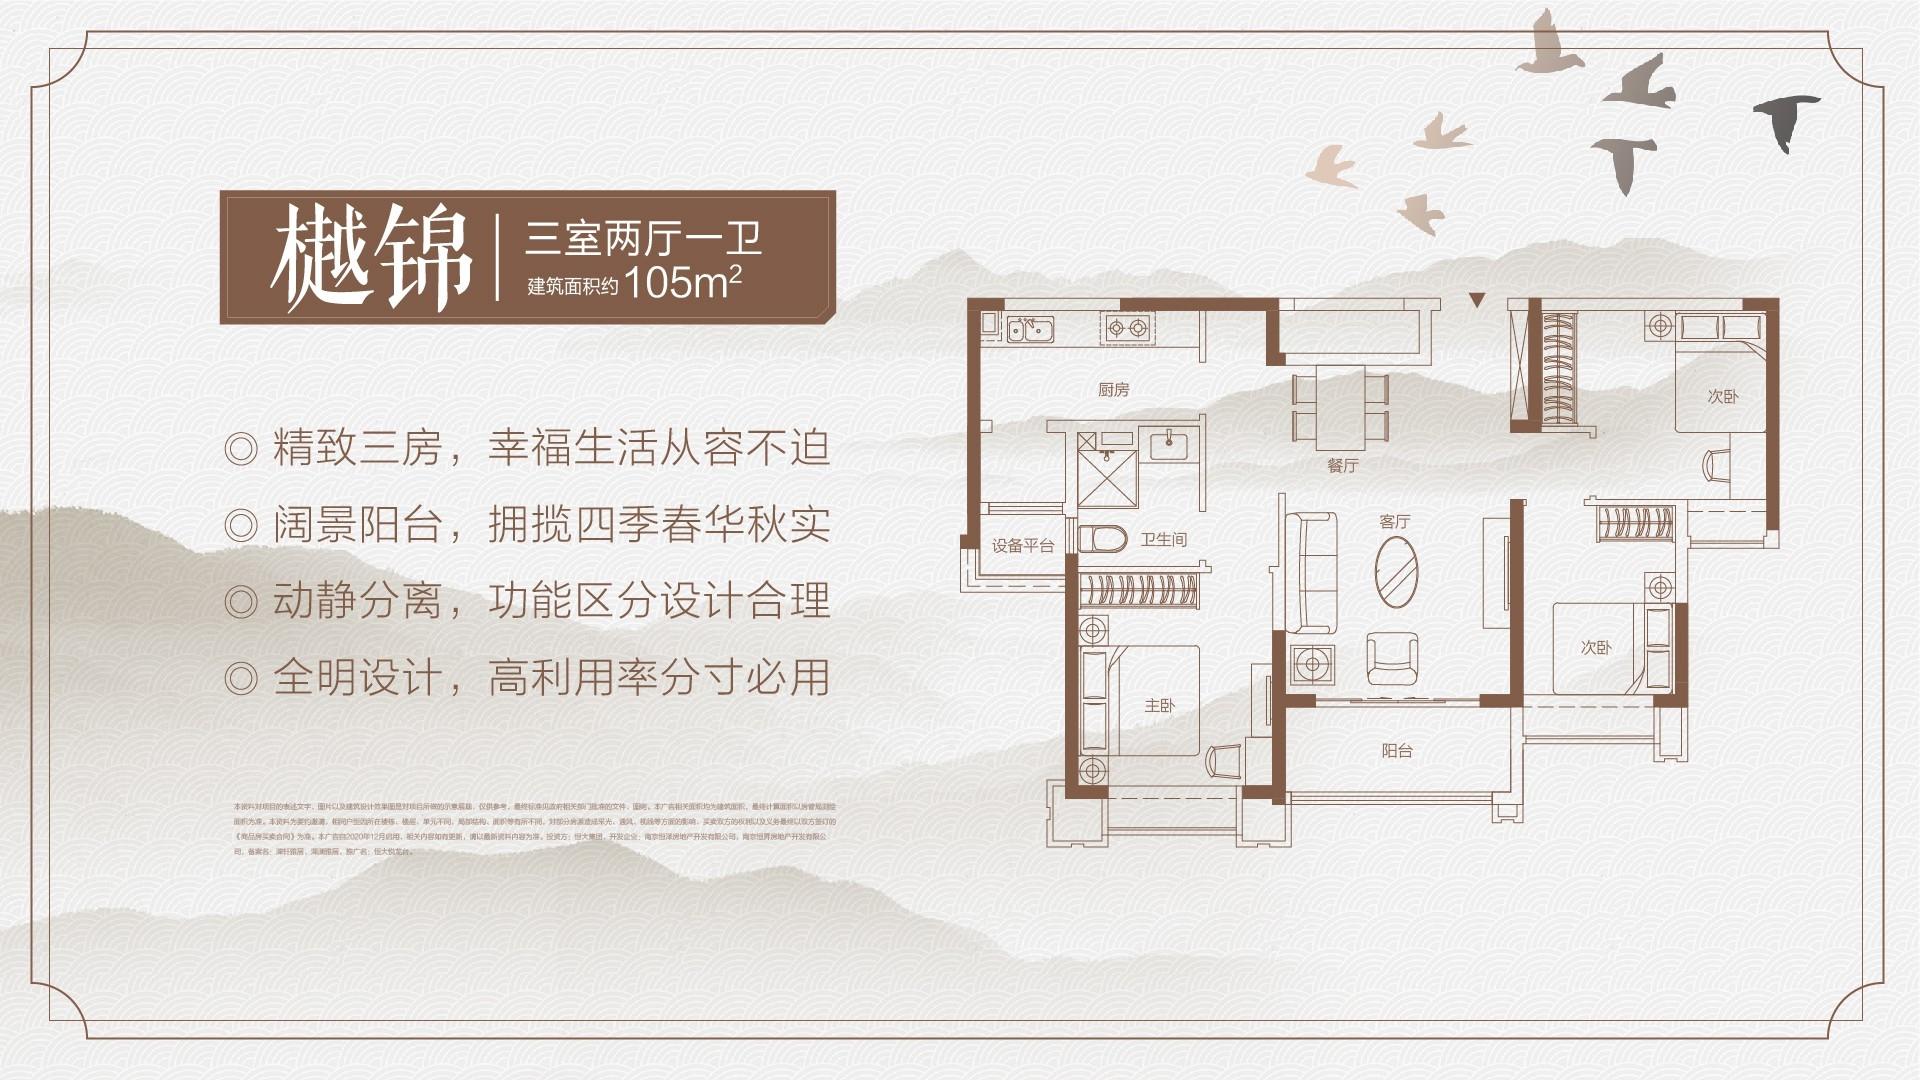 恒大悦龙台樾锦约105㎡户型图